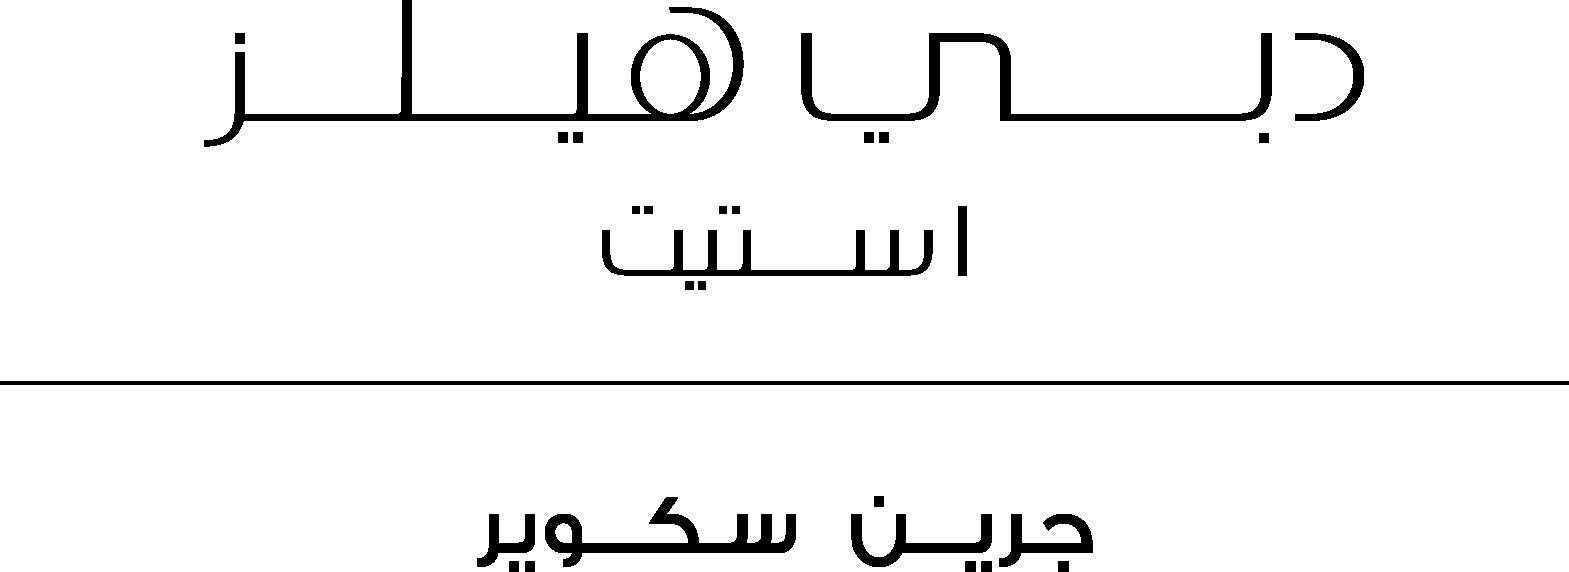 جرين سكوير – بارك ريدج B في دبي هيلز إستيت – إعمار العقارية